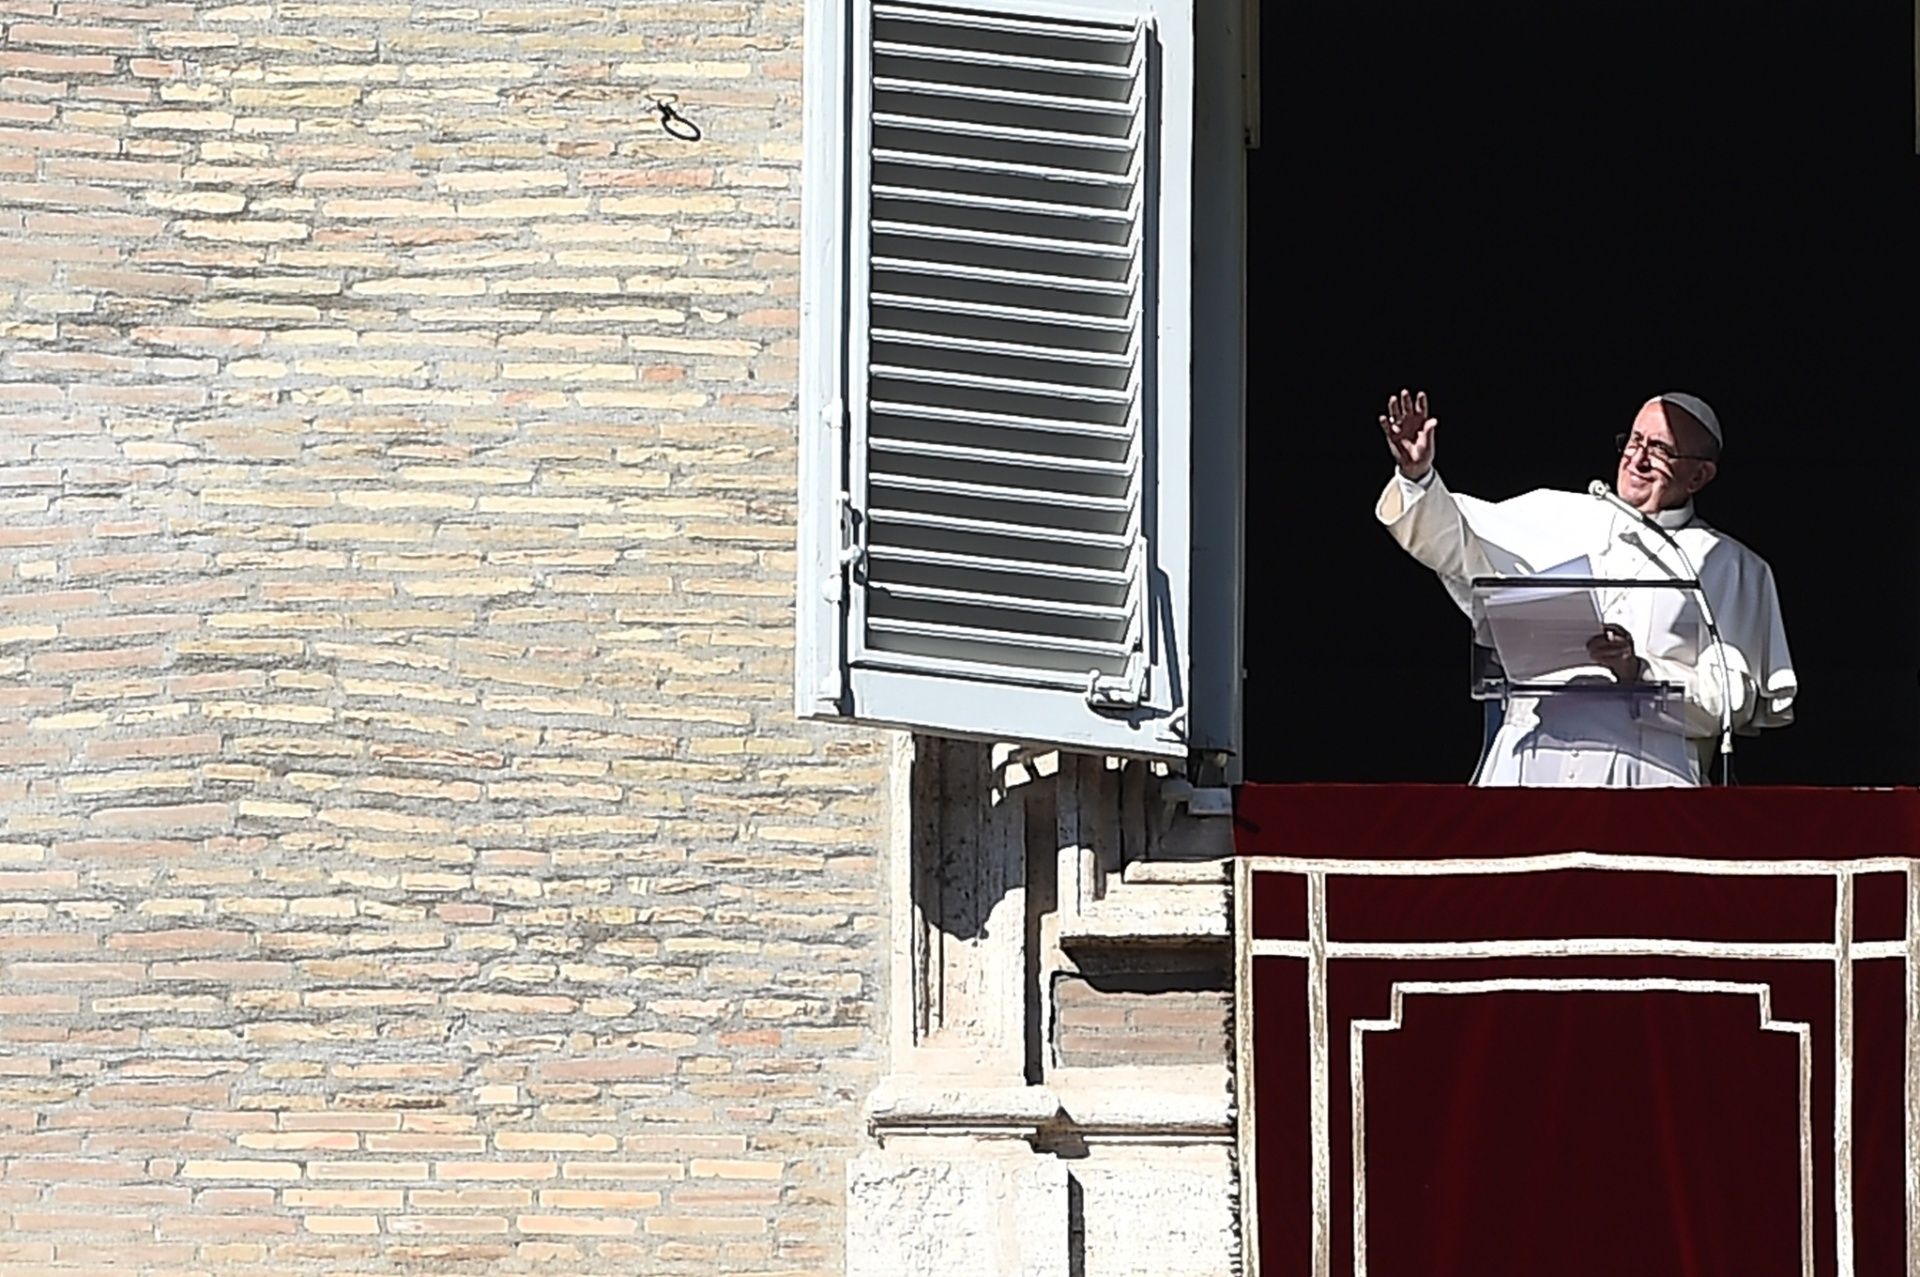 8.nov.2015 - Para Francisco cumprimenta multidão da janela do palácio apostólico com vista para a praça de São Pedro, durante a oração de domingo do Angelus , no Vaticano. O pontífice chamou de